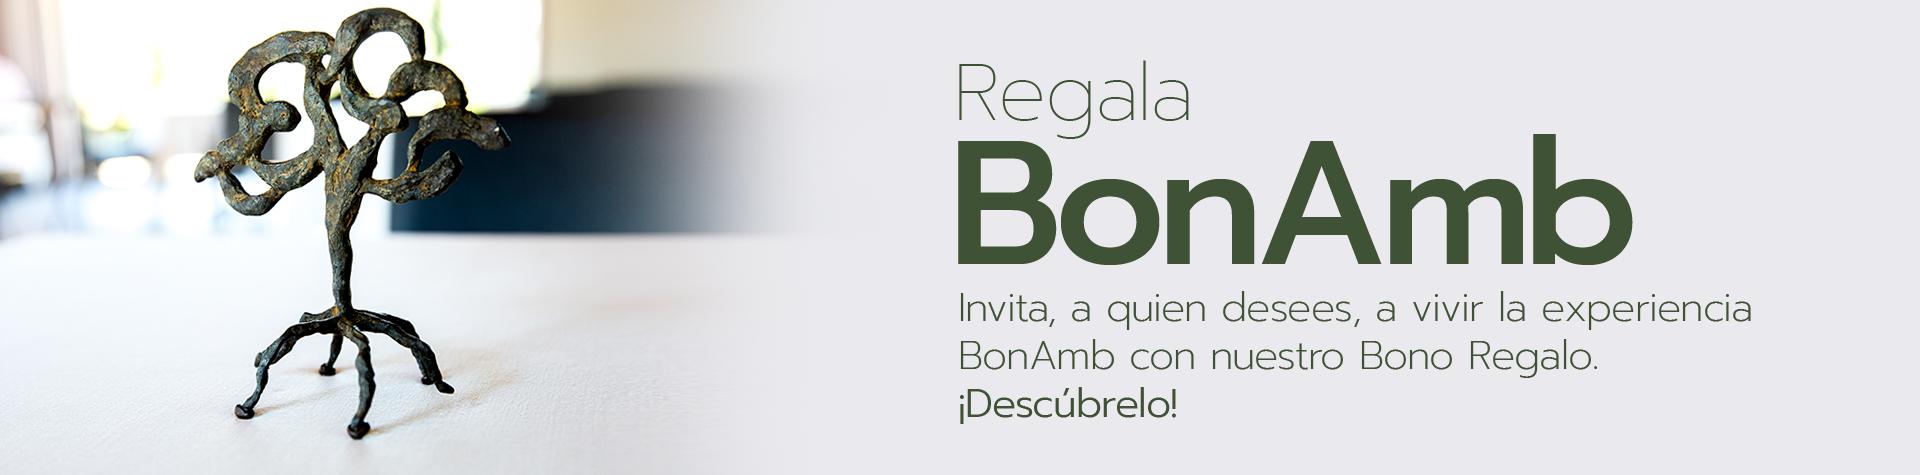 Bono regalo BonAmb